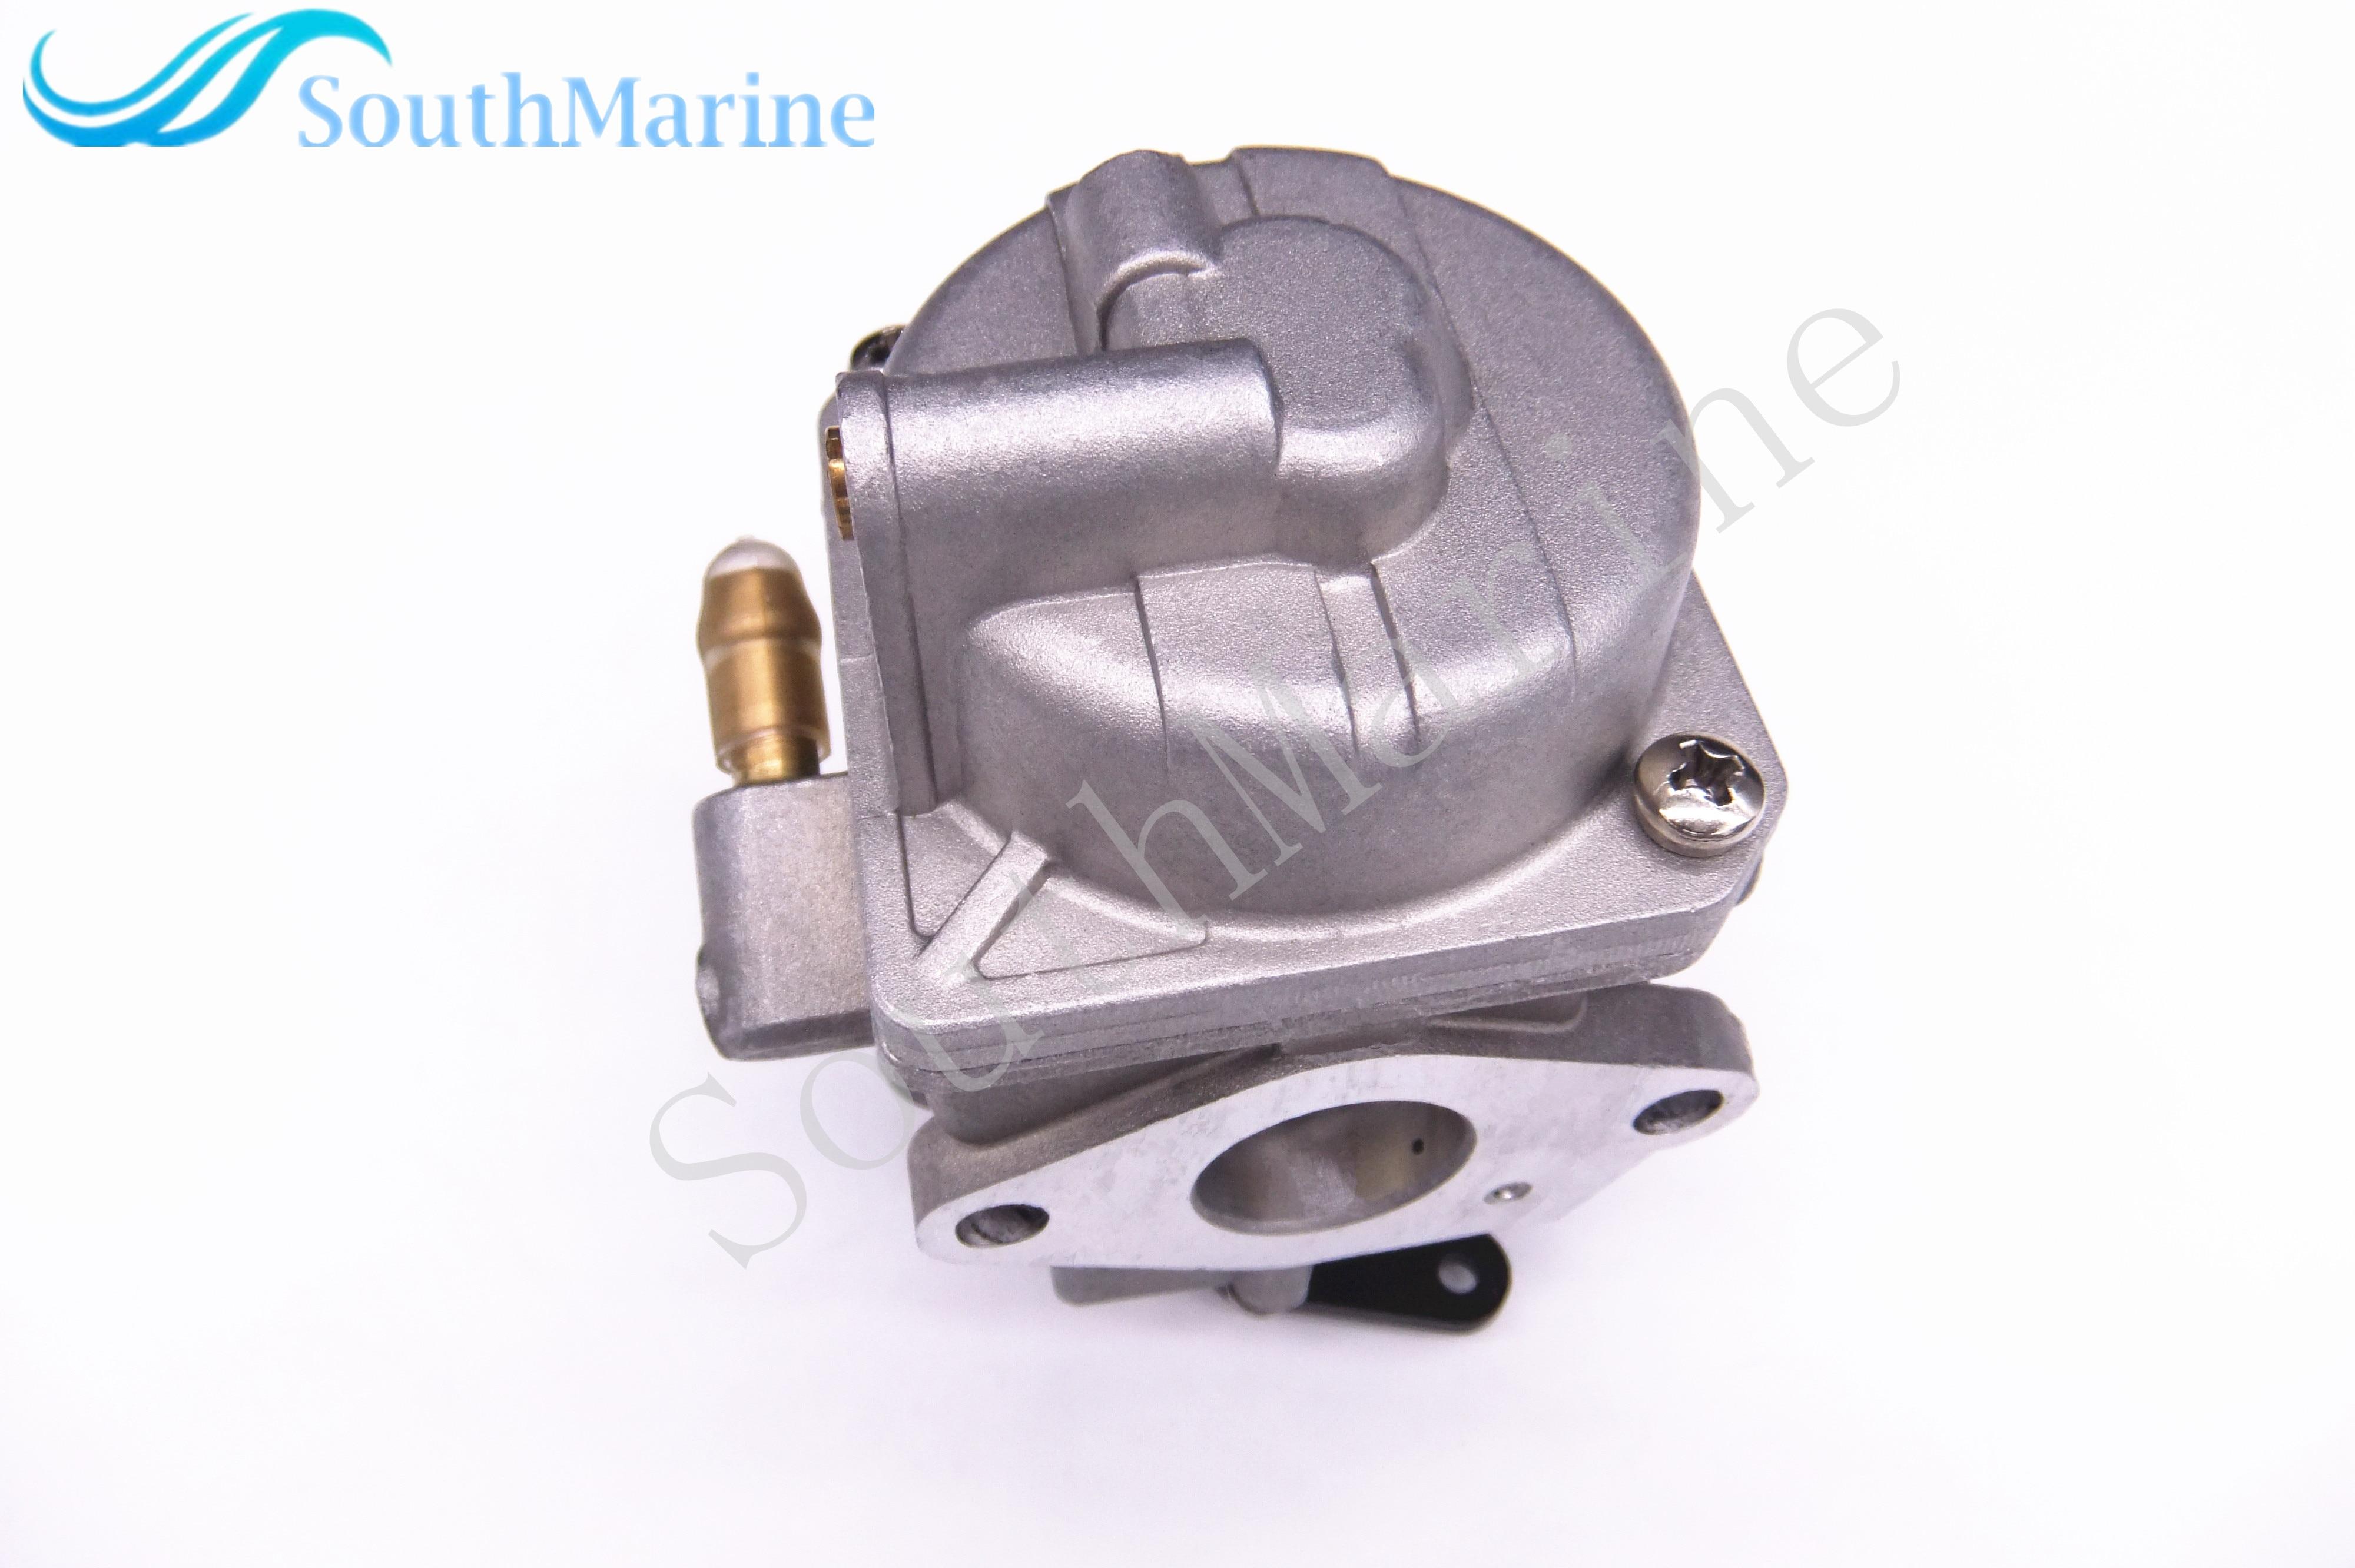 Carburateur pour moteur hors-bord 4 temps Hangkai F6.5 6.5HP